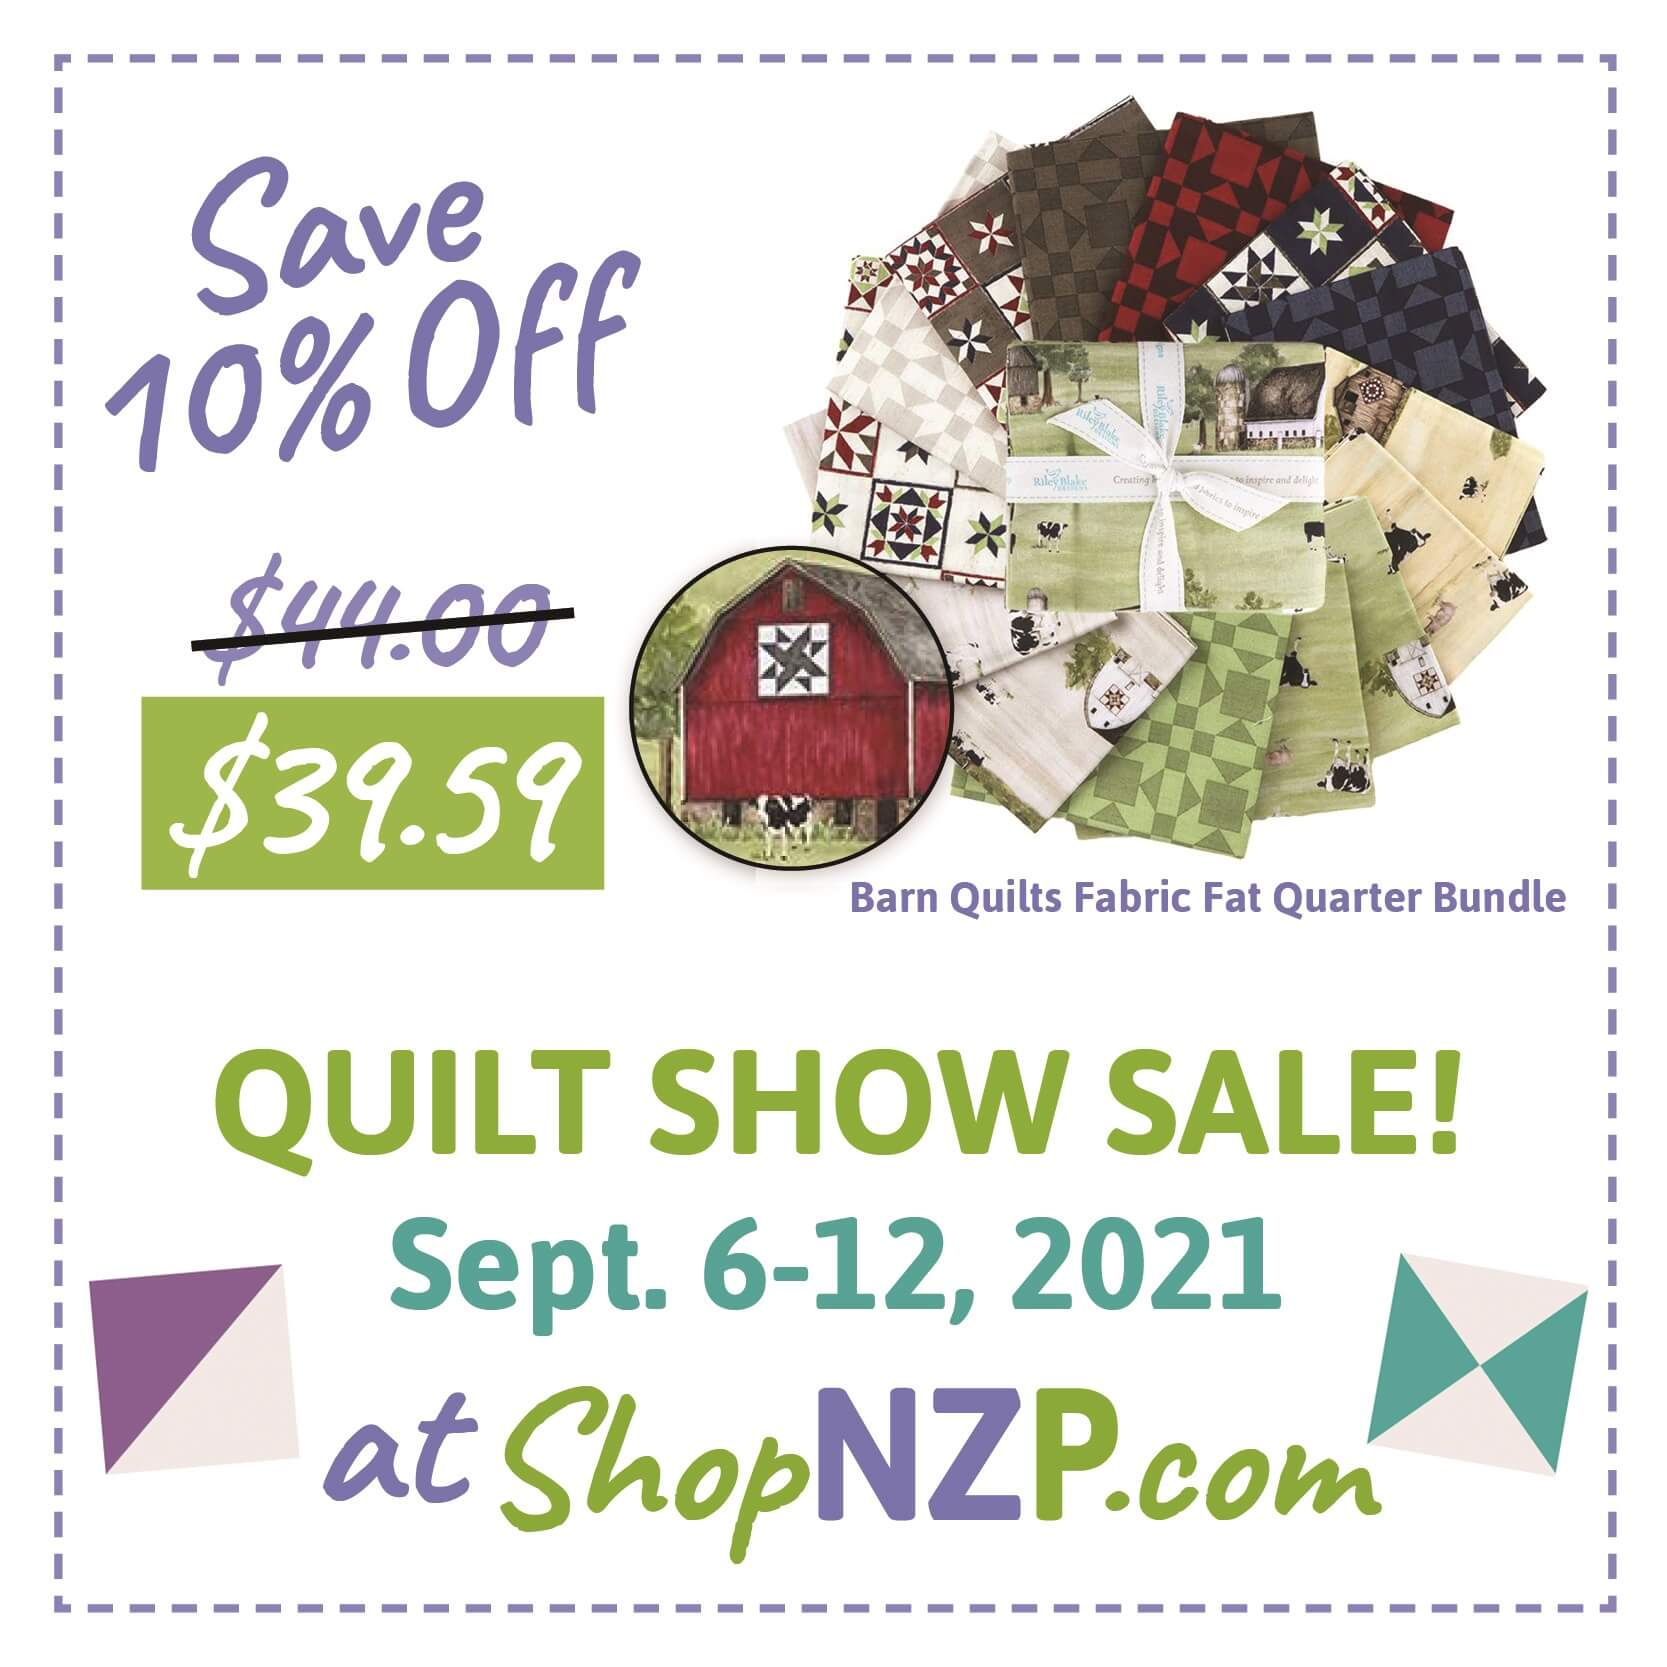 Save 10 Percent off Barn Quilts Fabric Fat Quarter Bundle at Nancy Zieman Productions at ShopNZP